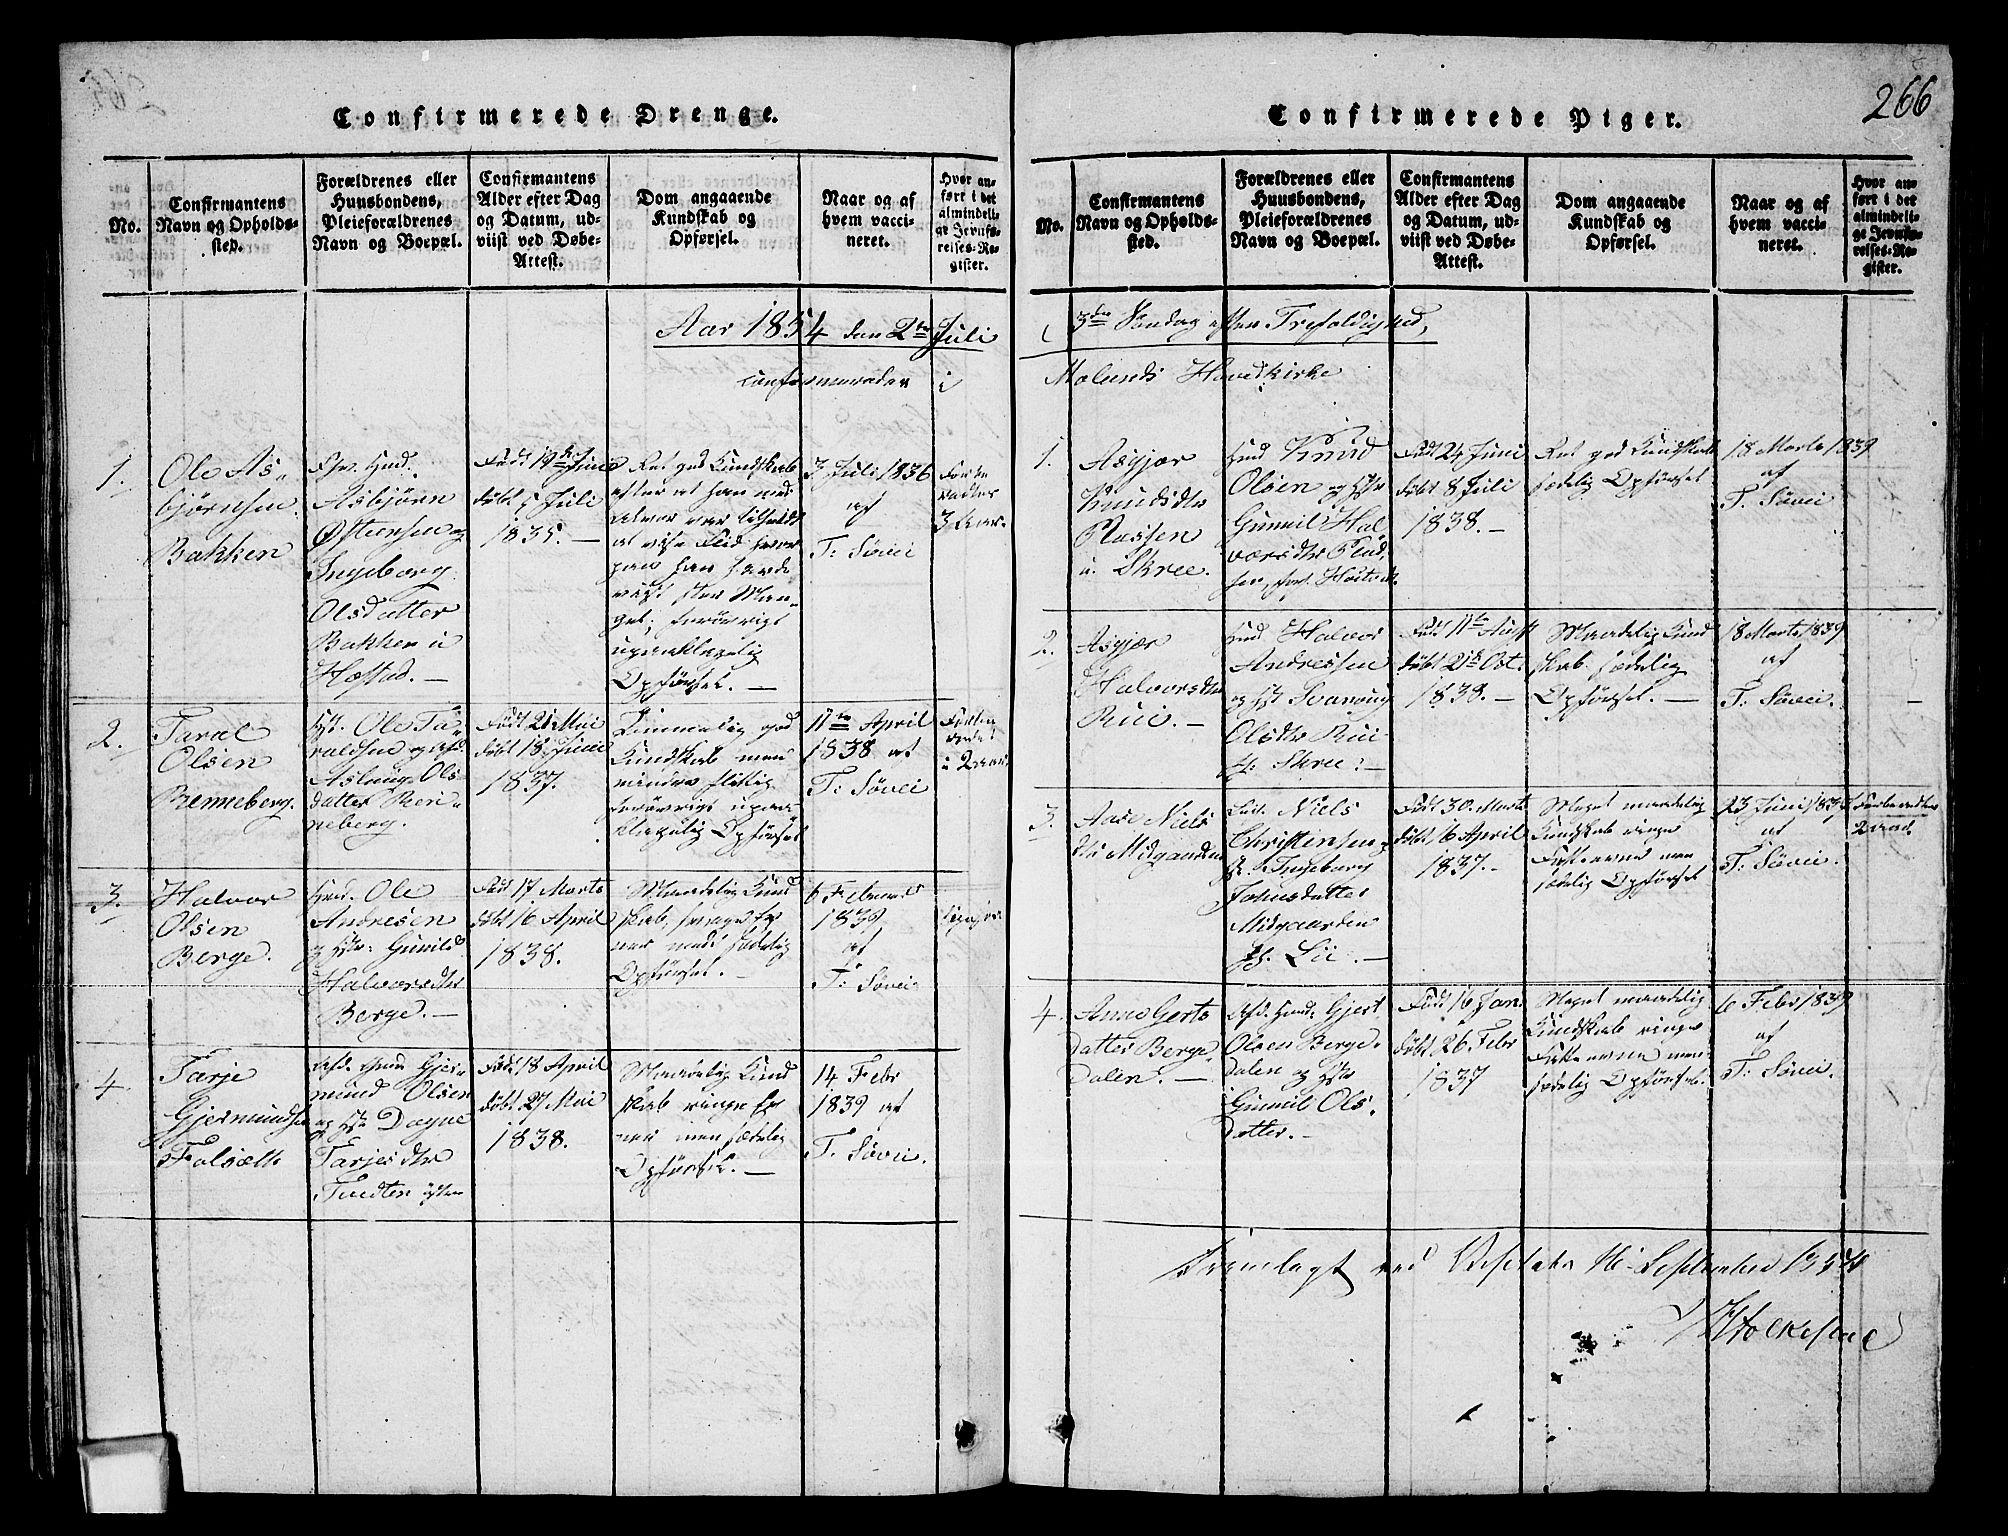 SAKO, Fyresdal kirkebøker, G/Ga/L0003: Klokkerbok nr. I 3, 1815-1863, s. 266